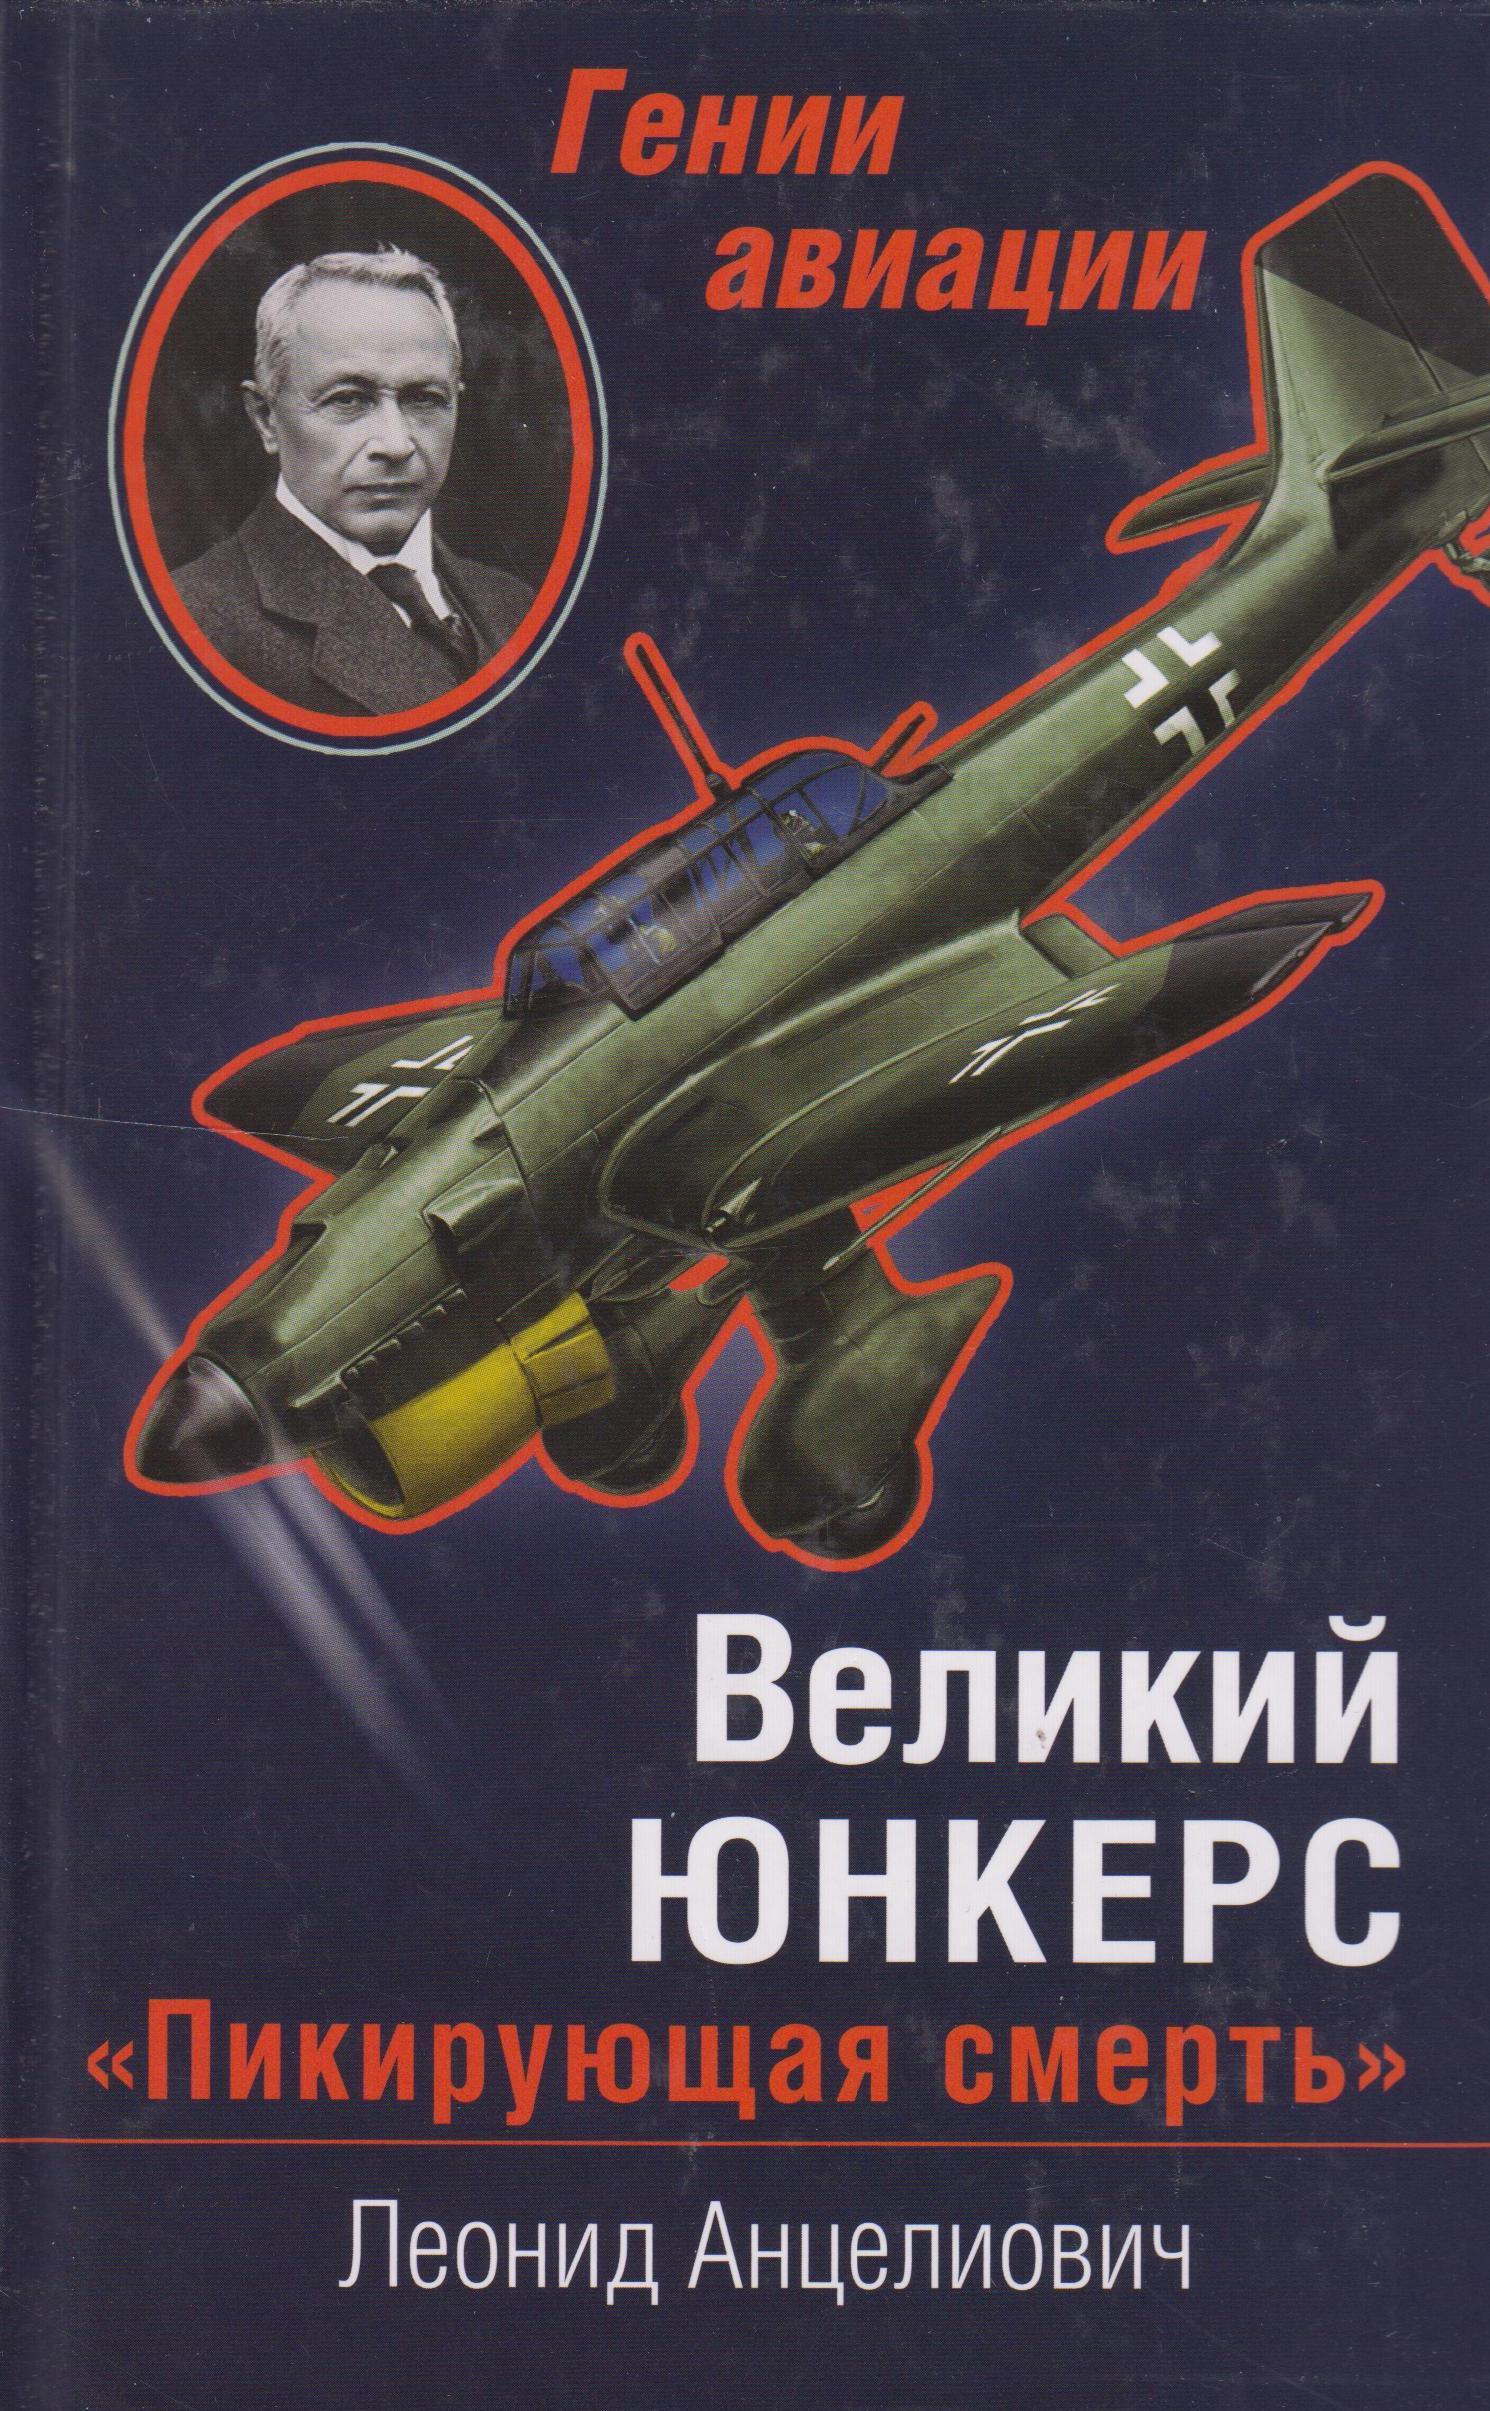 Анцелиович Леонид Липманович Великий Юнкерс. Пикирующая смерть